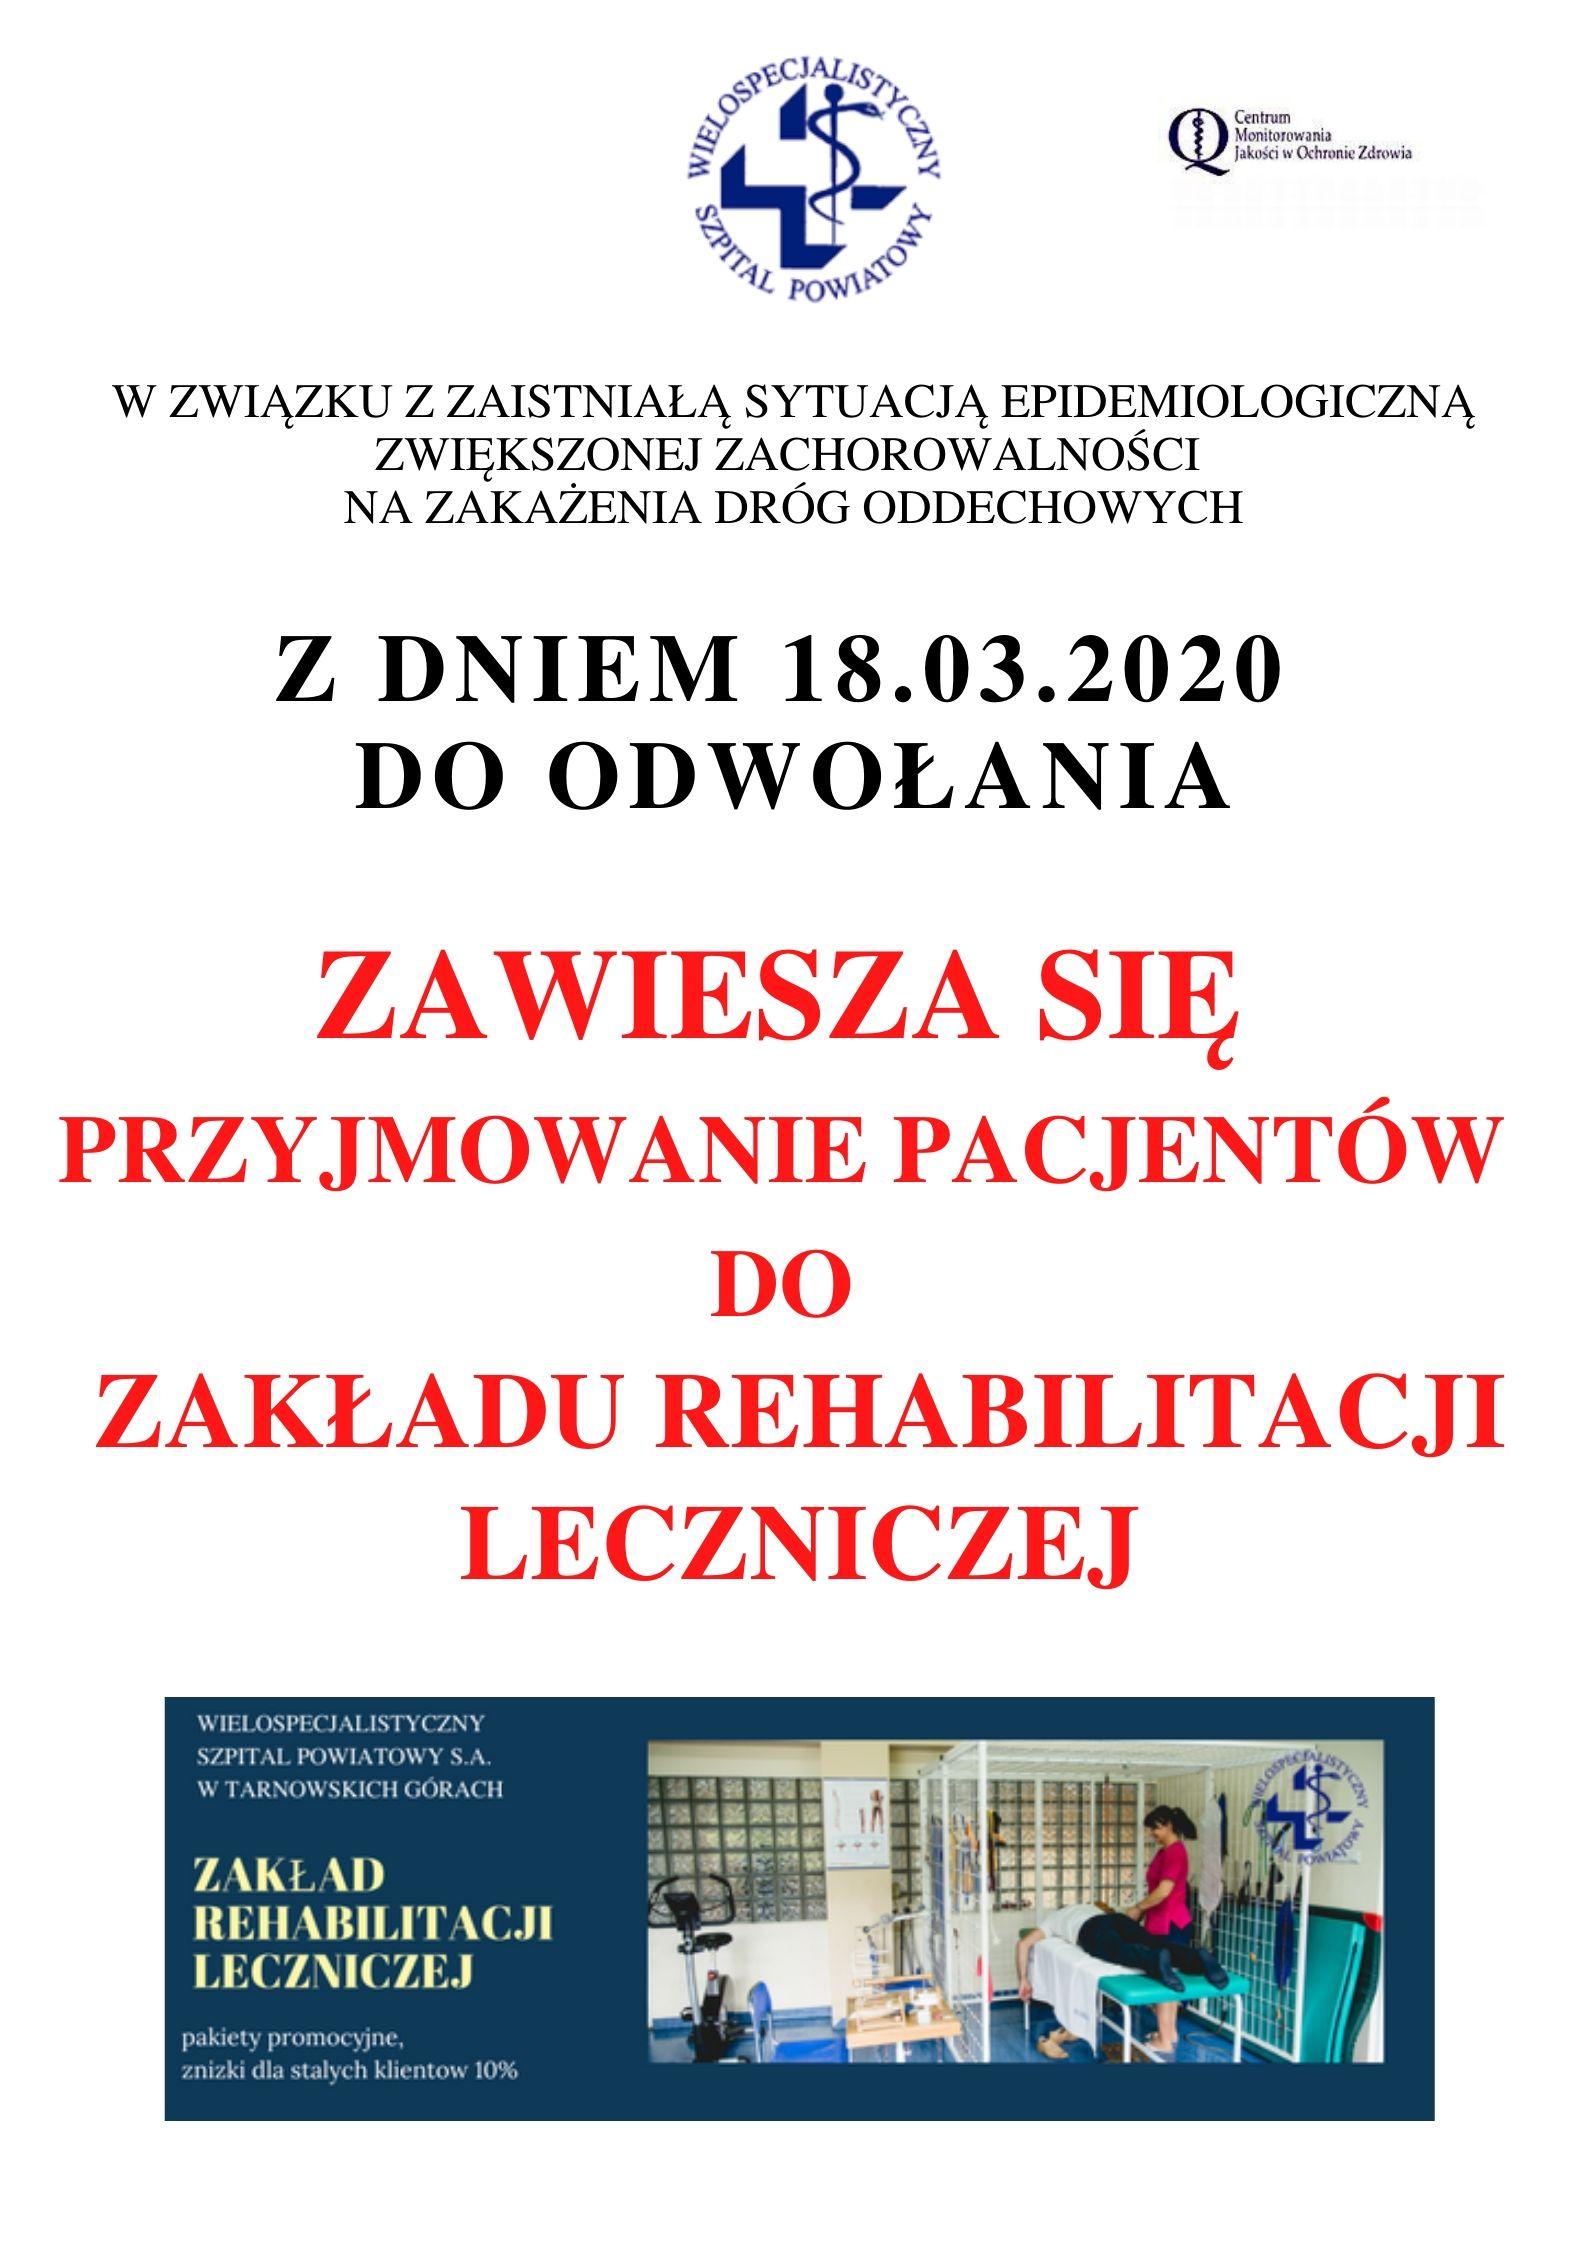 Zakład Rehabilitacji Leczniczej – zawiesza się przyjęcia!